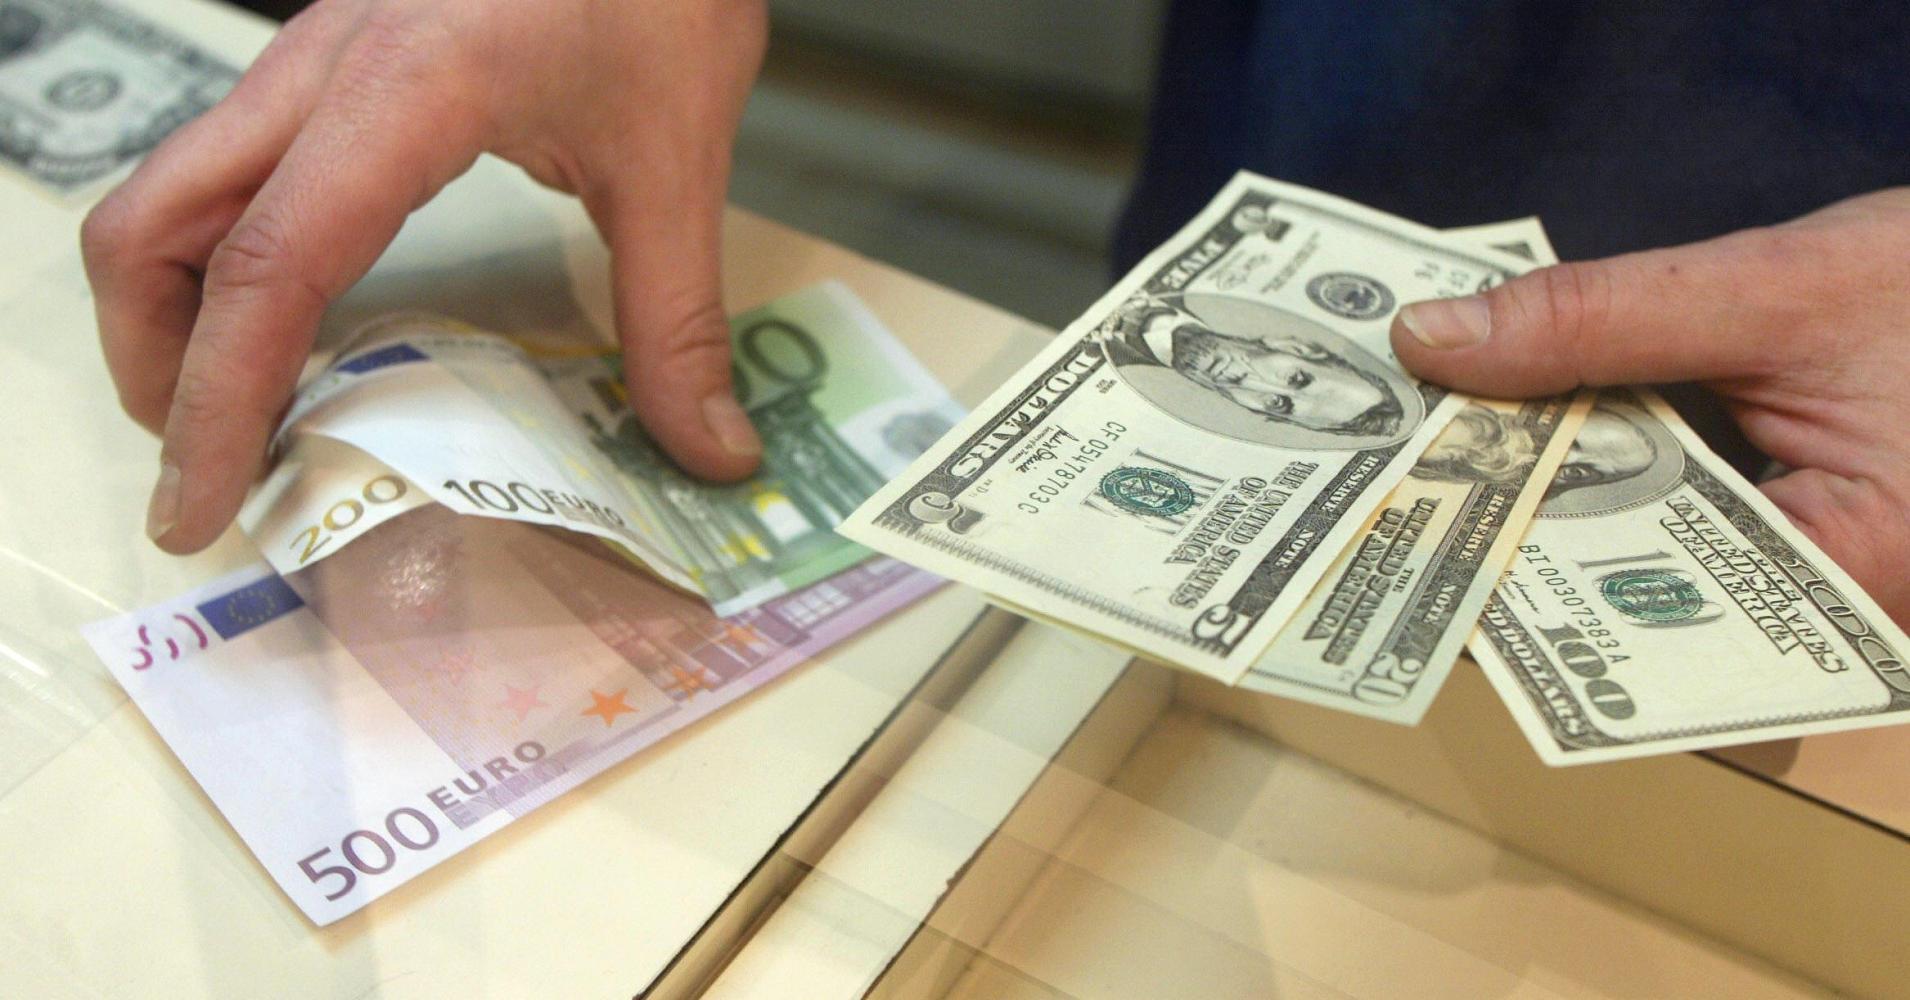 قیمت دلار و یورو امروز چهارشنبه 23 بهمن 98/ بازارساز شاخص ارزی را تکان نداد/ دلار آزاد در مرز 14